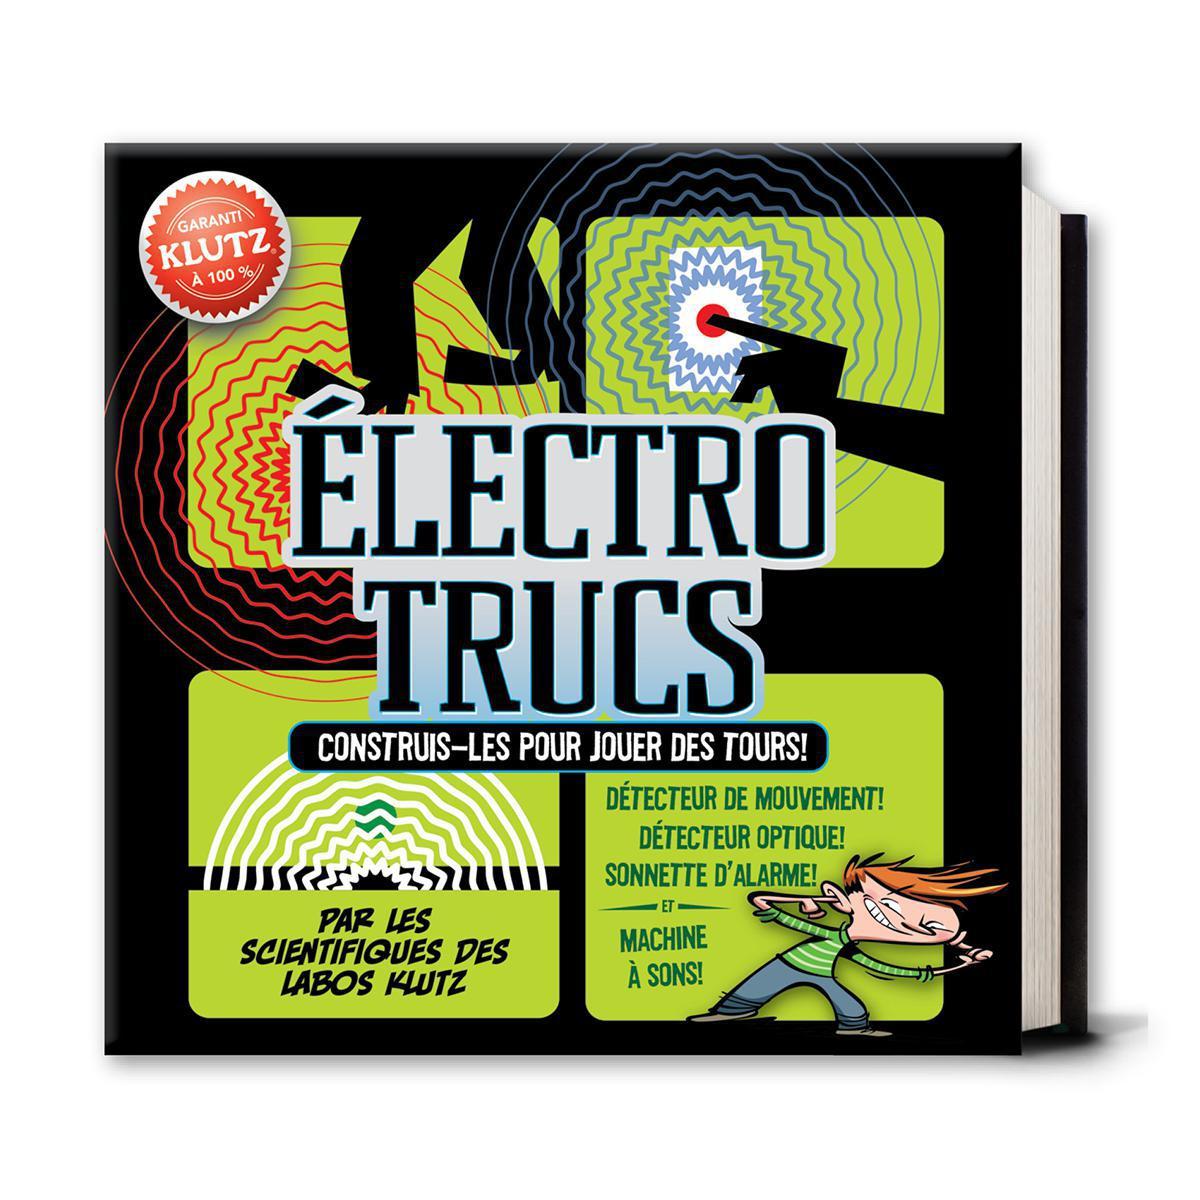 Klutz : Électro trucs